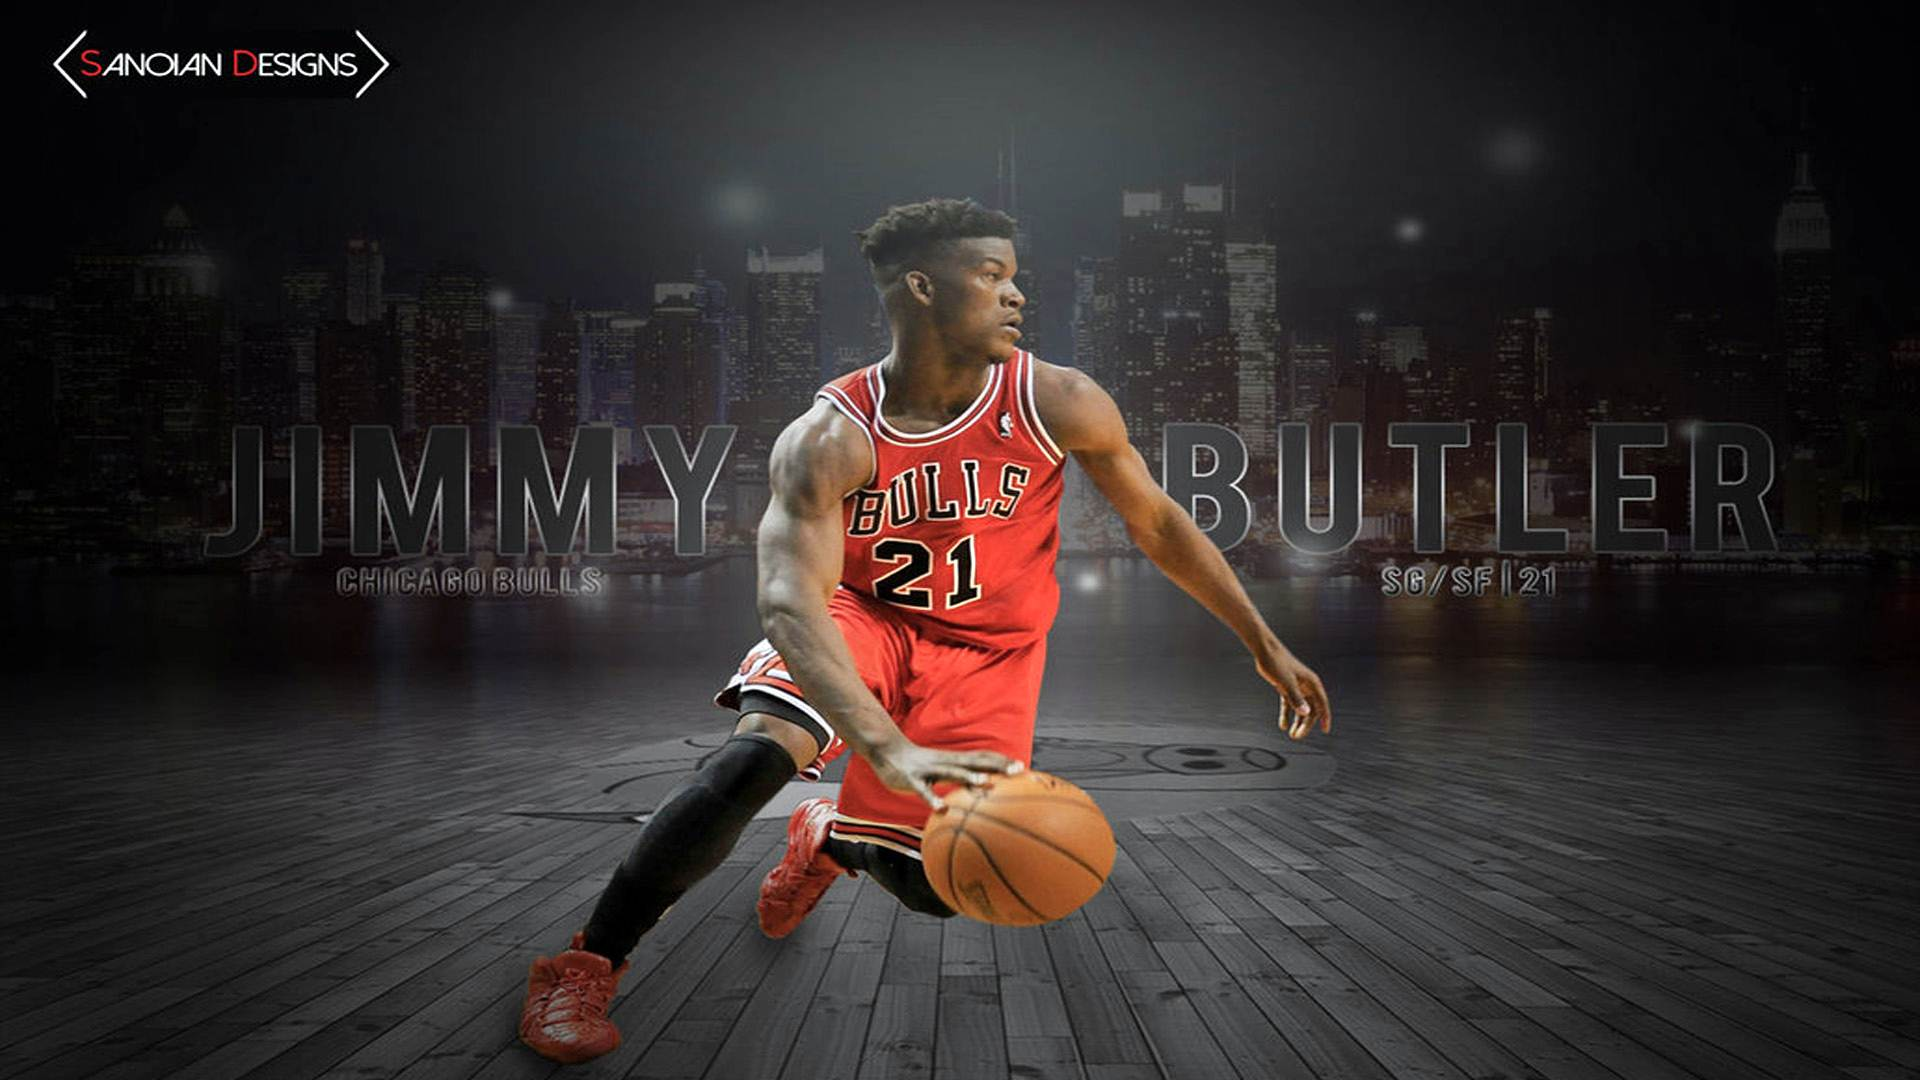 Jimmy Butler Bulls Wallpaper HDs 2644   Amazing Wallpaperz 1920x1080